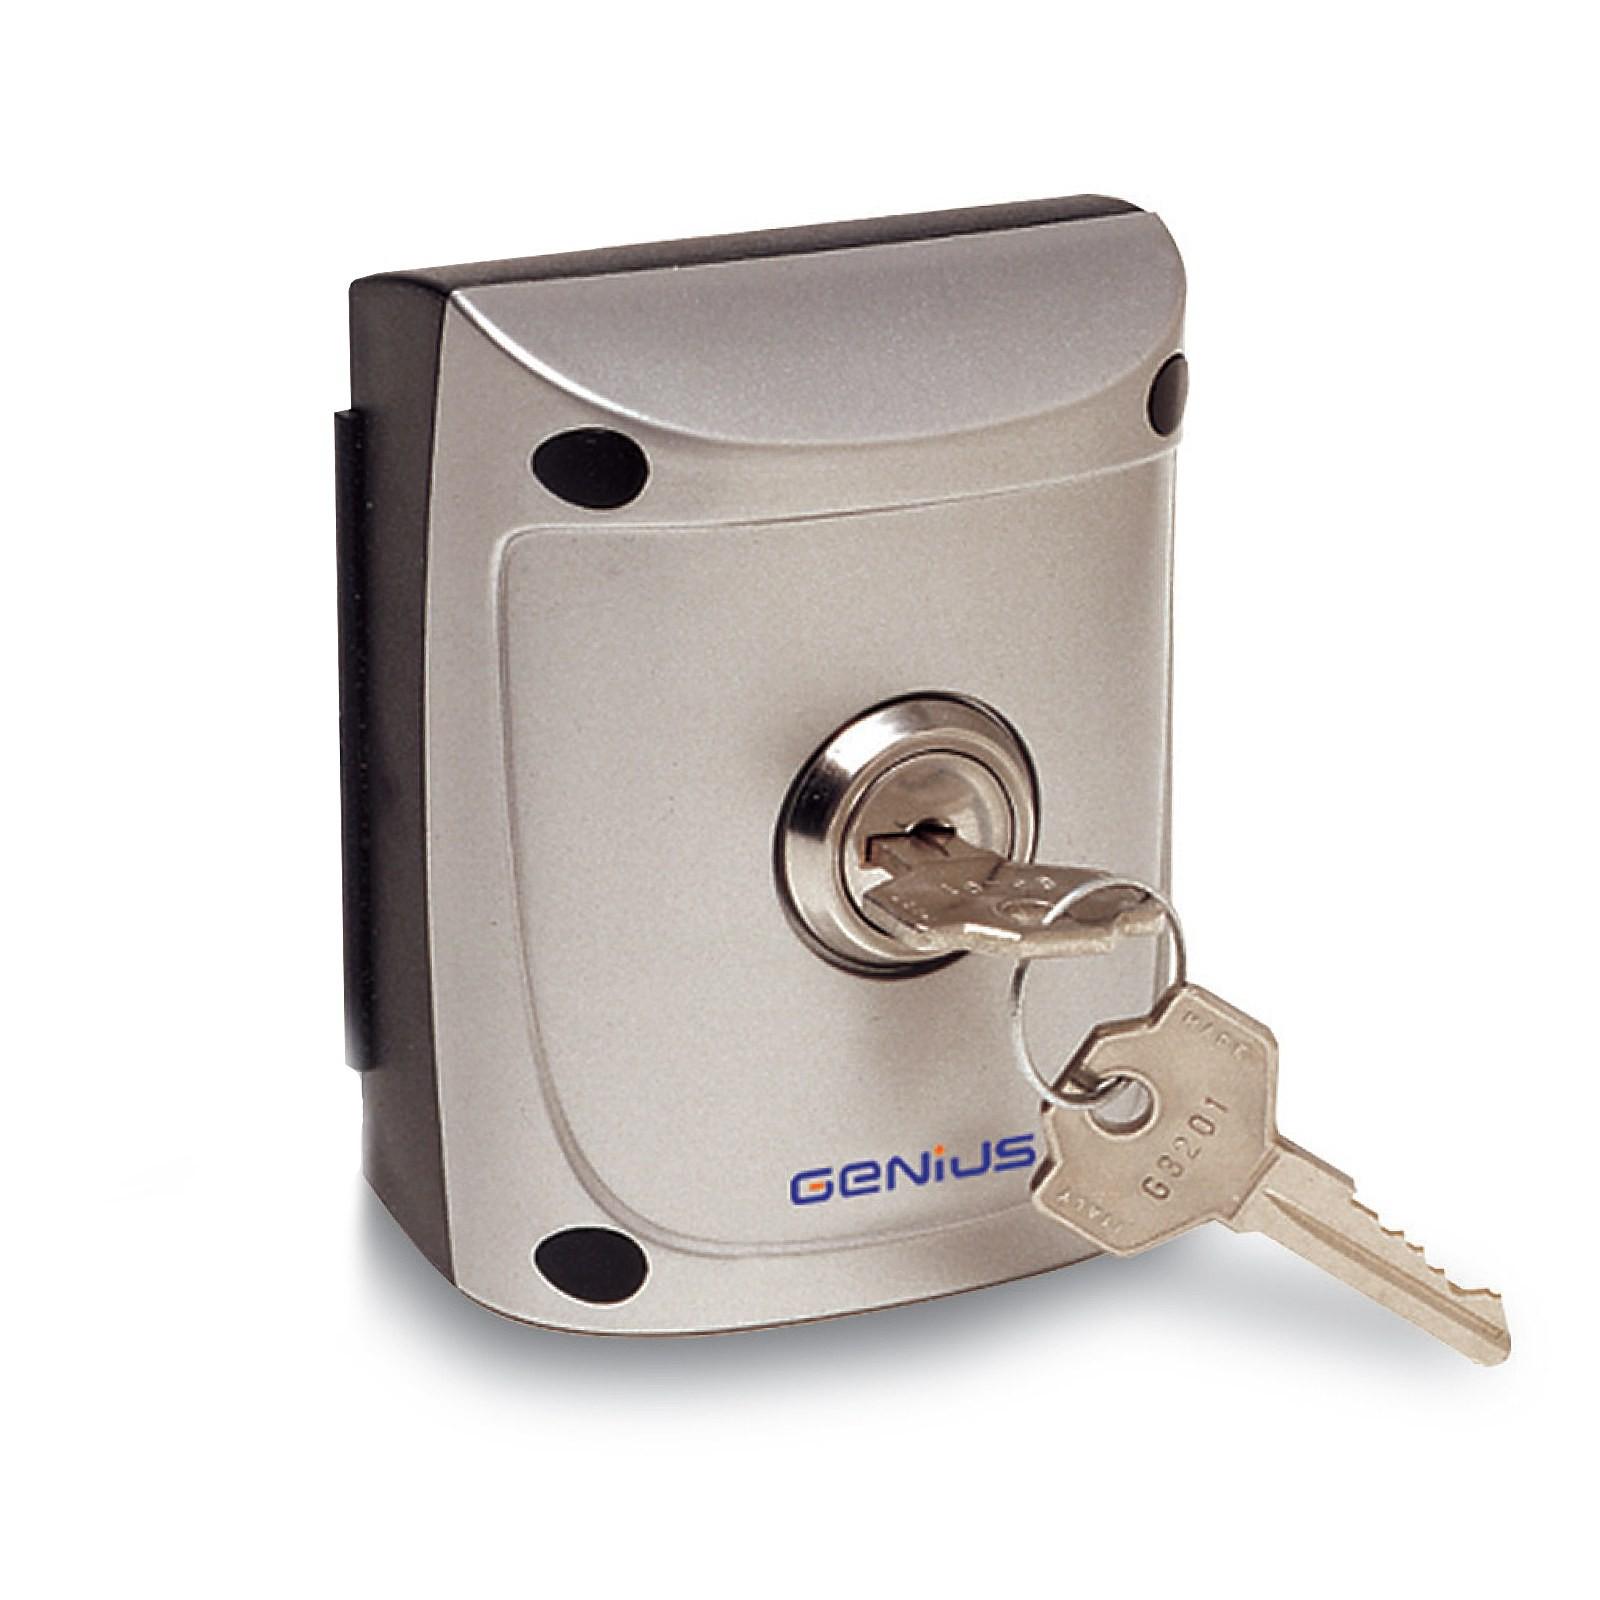 Schema Elettrico Selettore A Chiave : Selettore a chiave da esterno cancello automatico